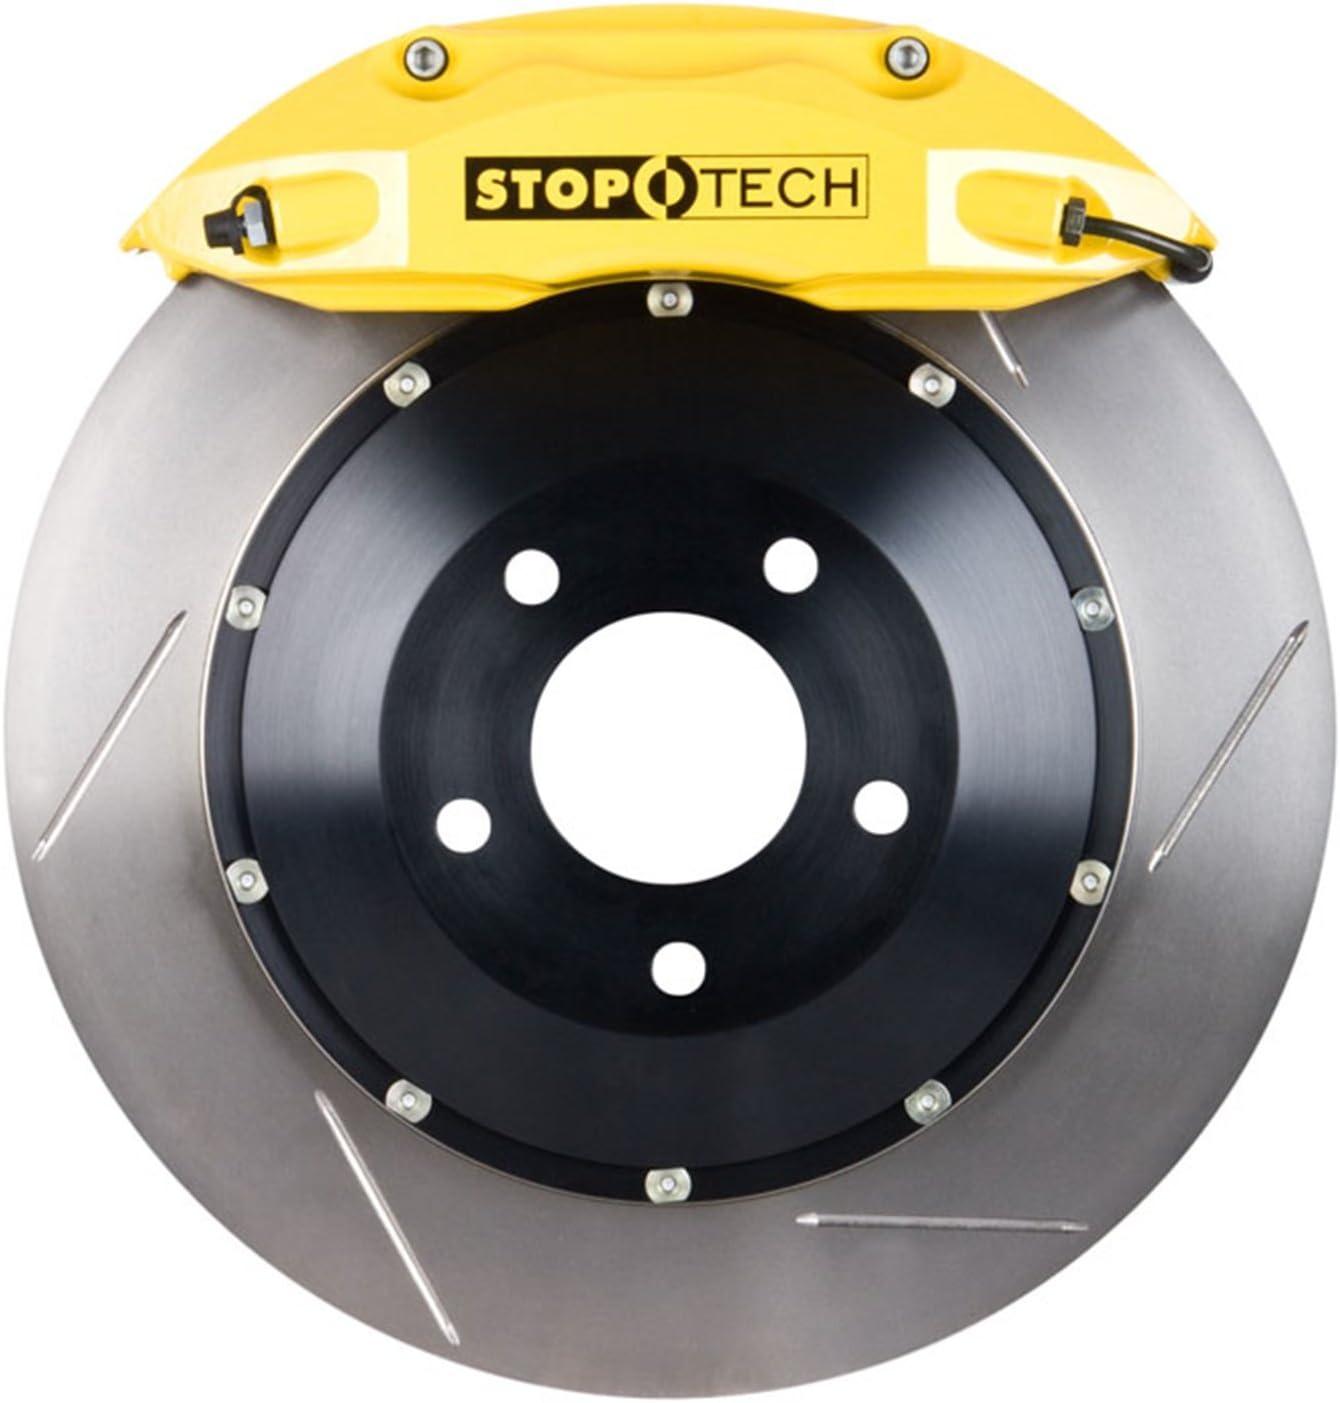 StopTech 83.119.4600.81 Brake Rotor